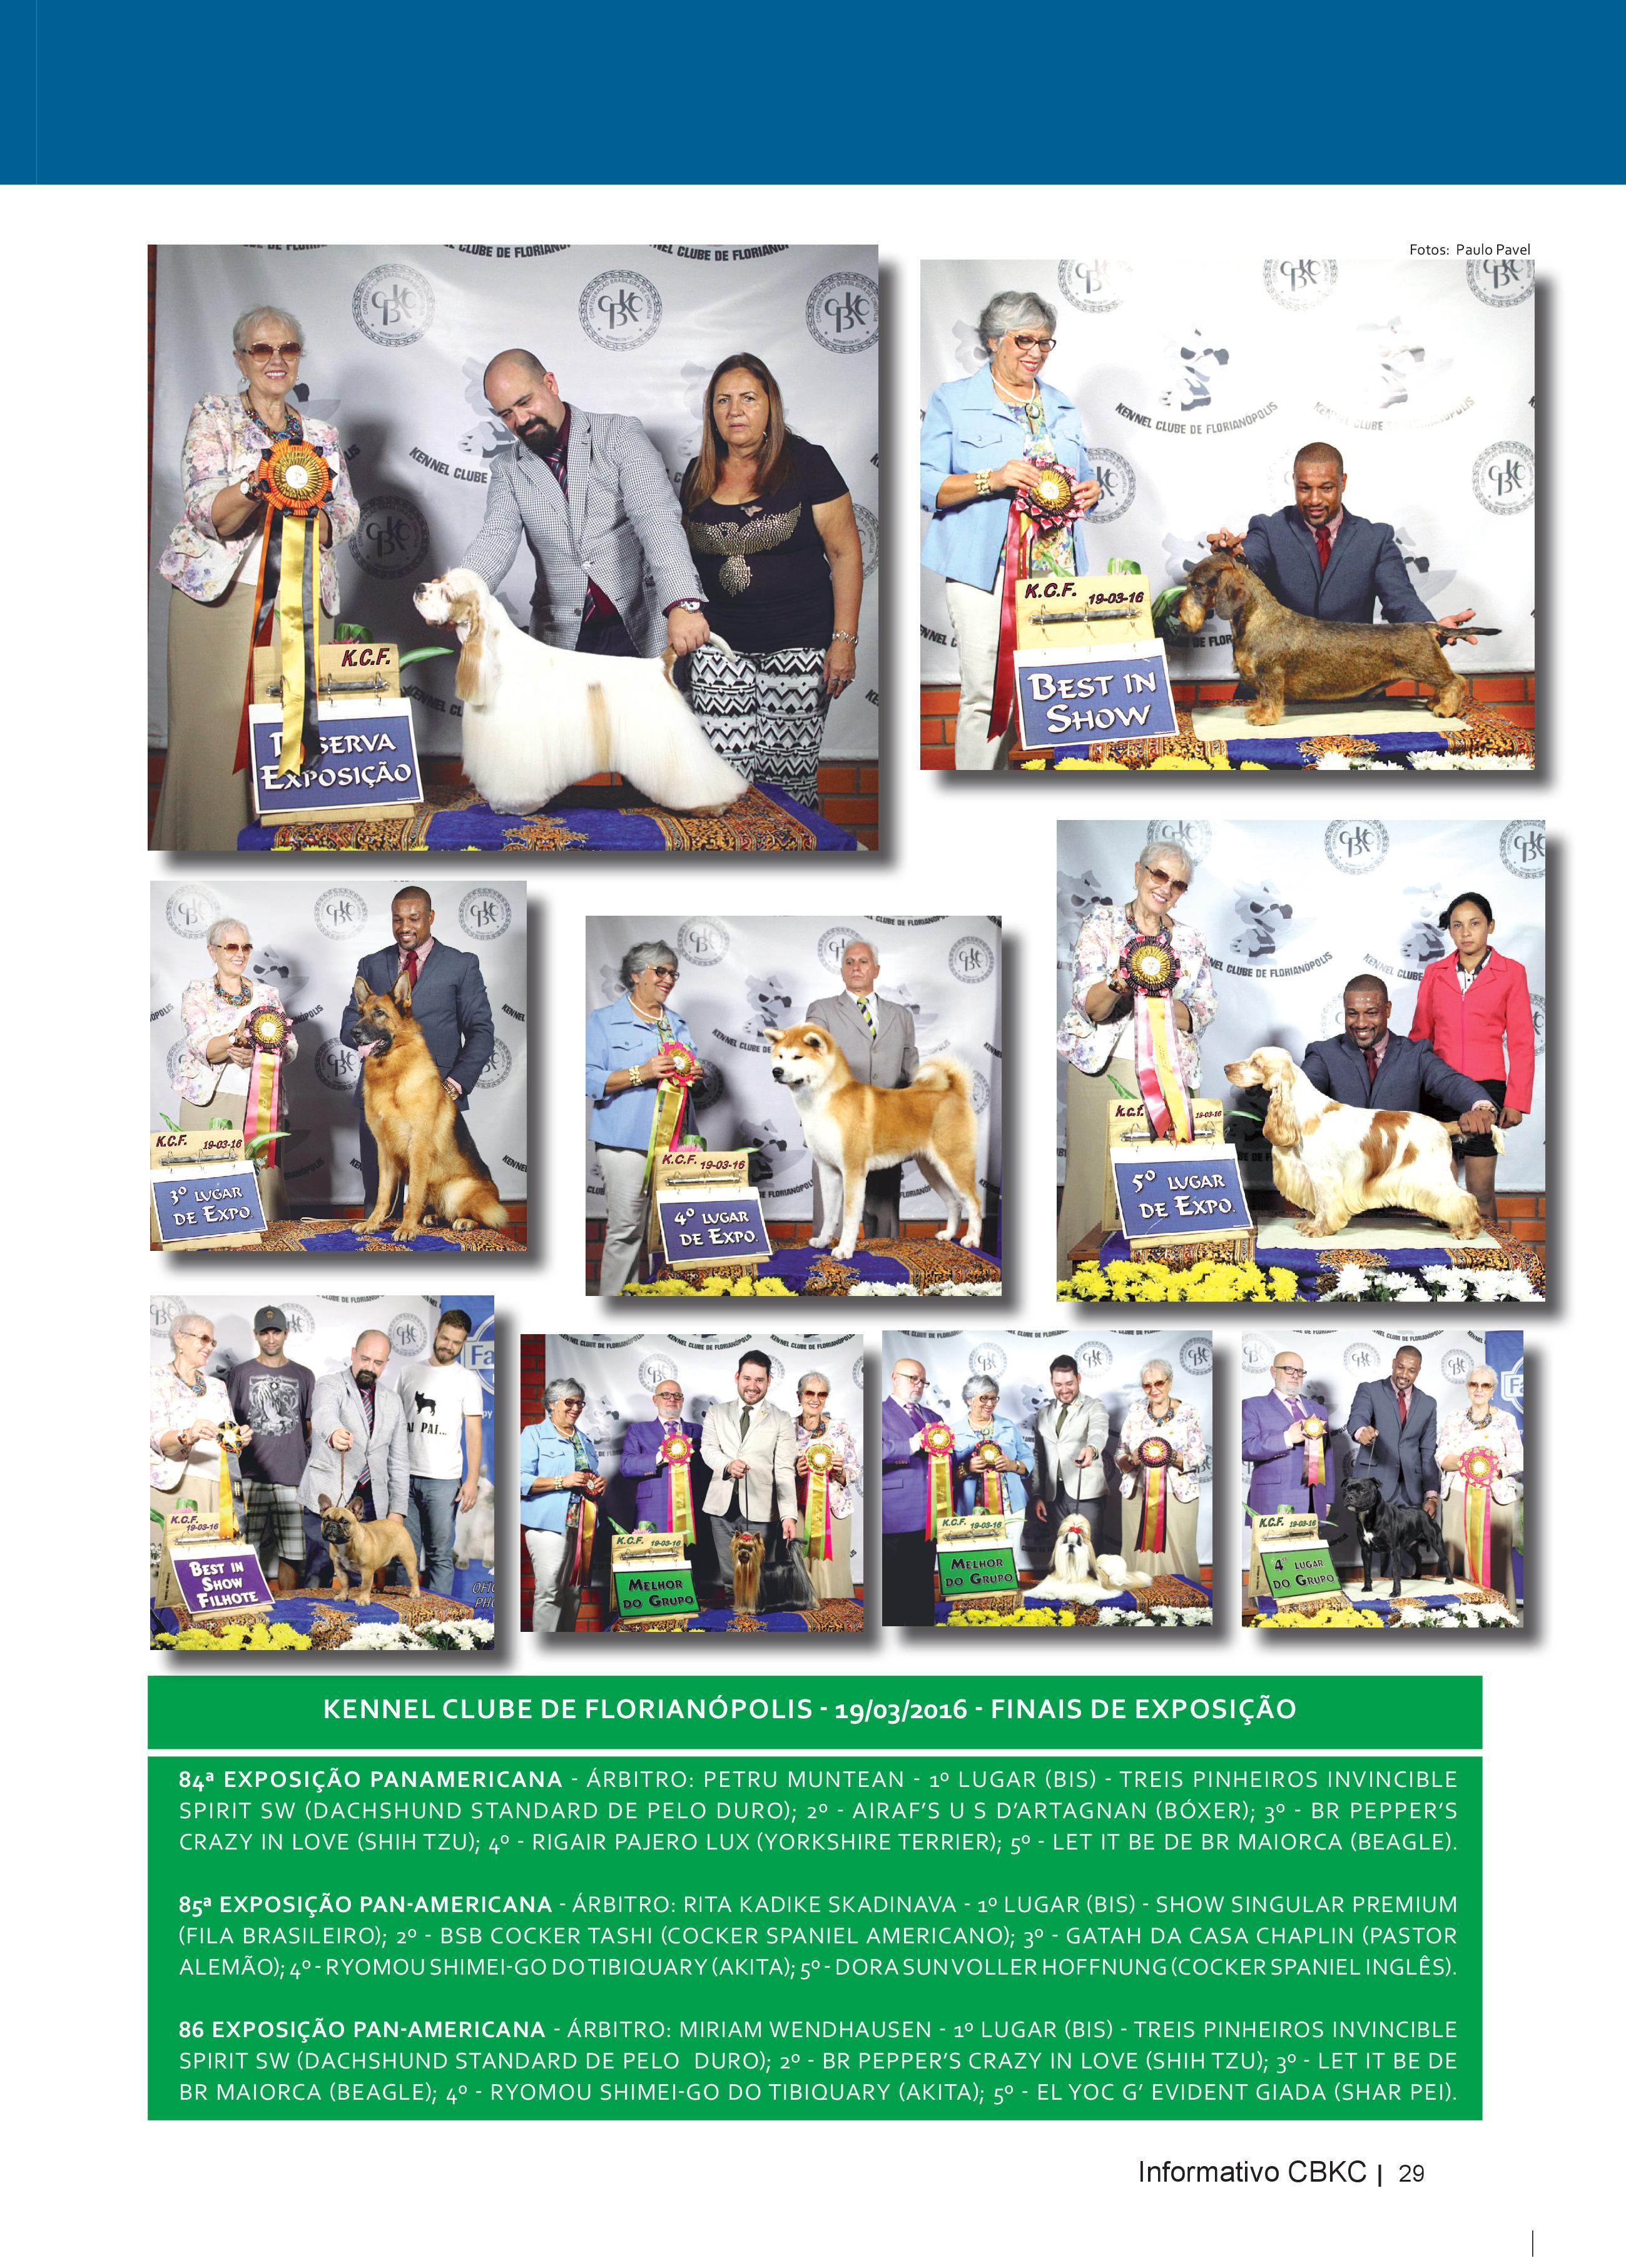 Pagina 29| Edição 52 do Informativo CBKC